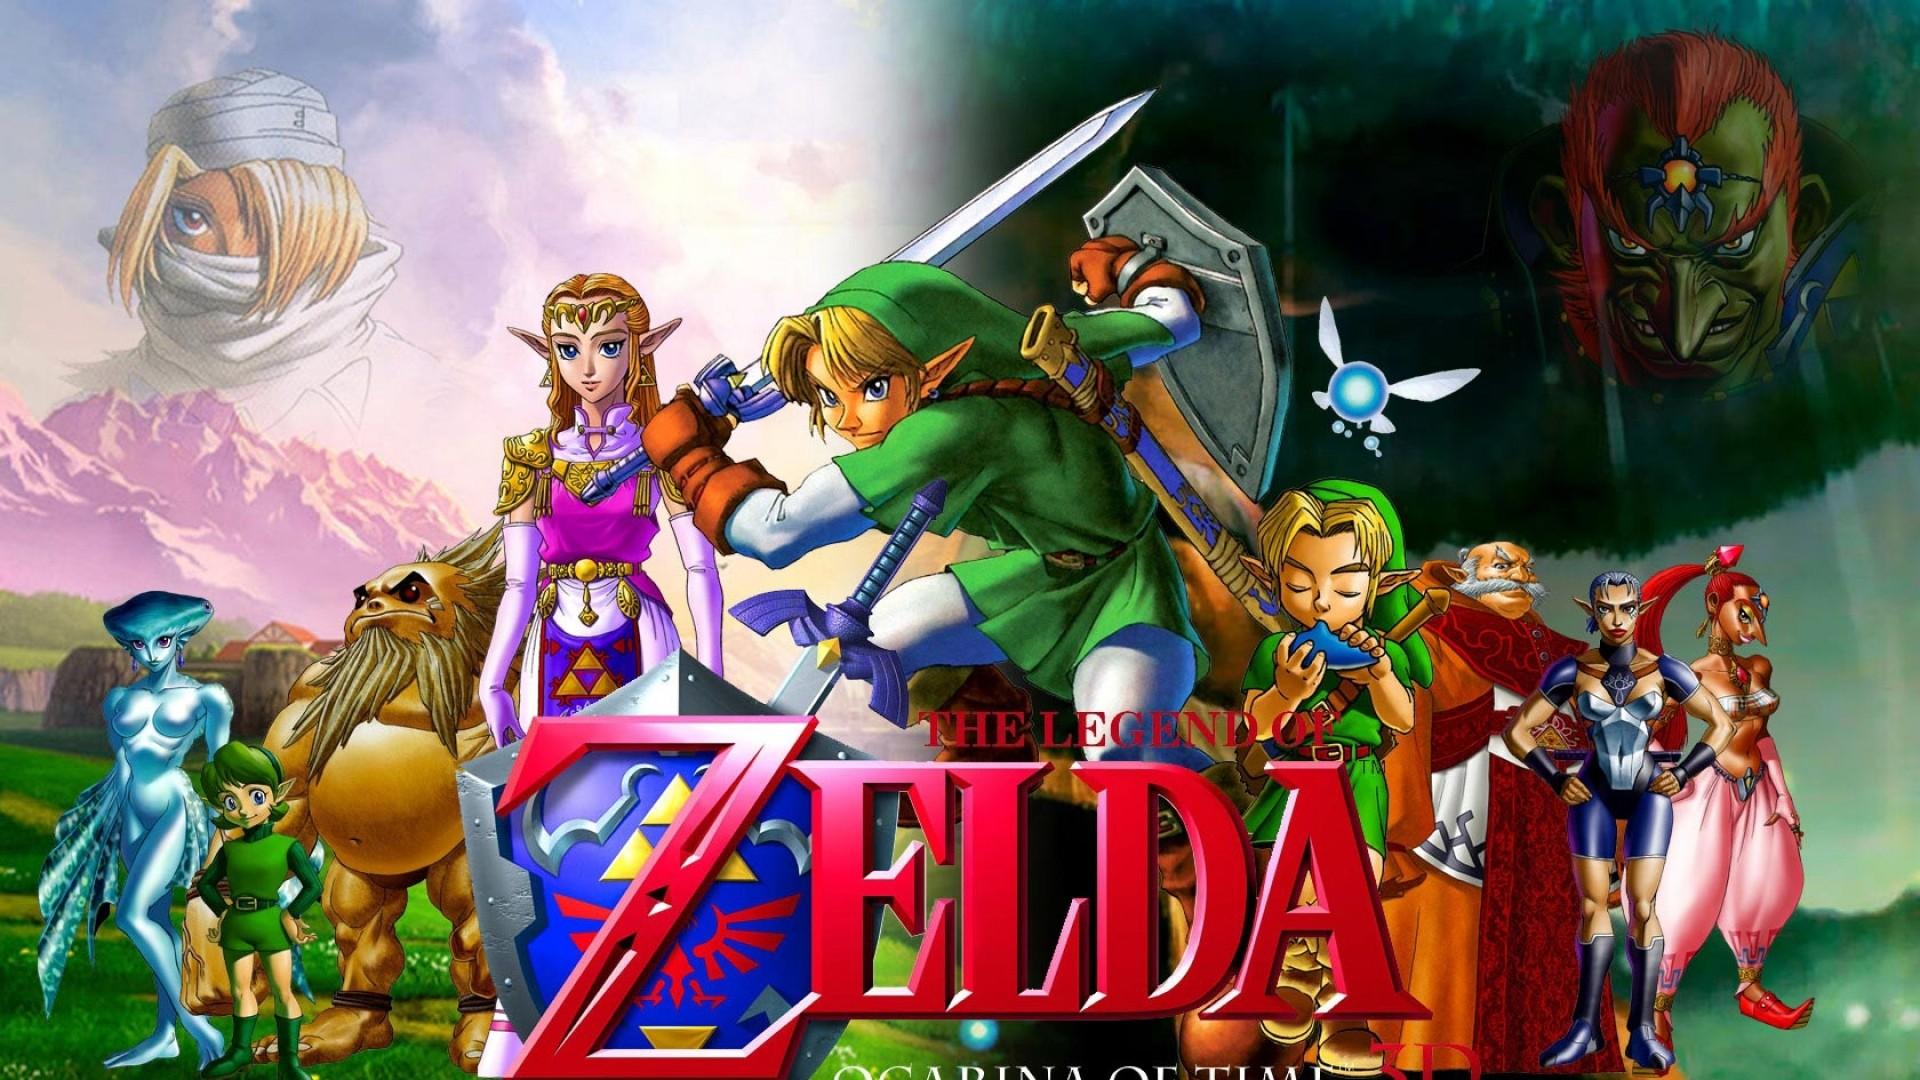 legend of zelda, Characters, Faces, Swords, Zelda Full HD .